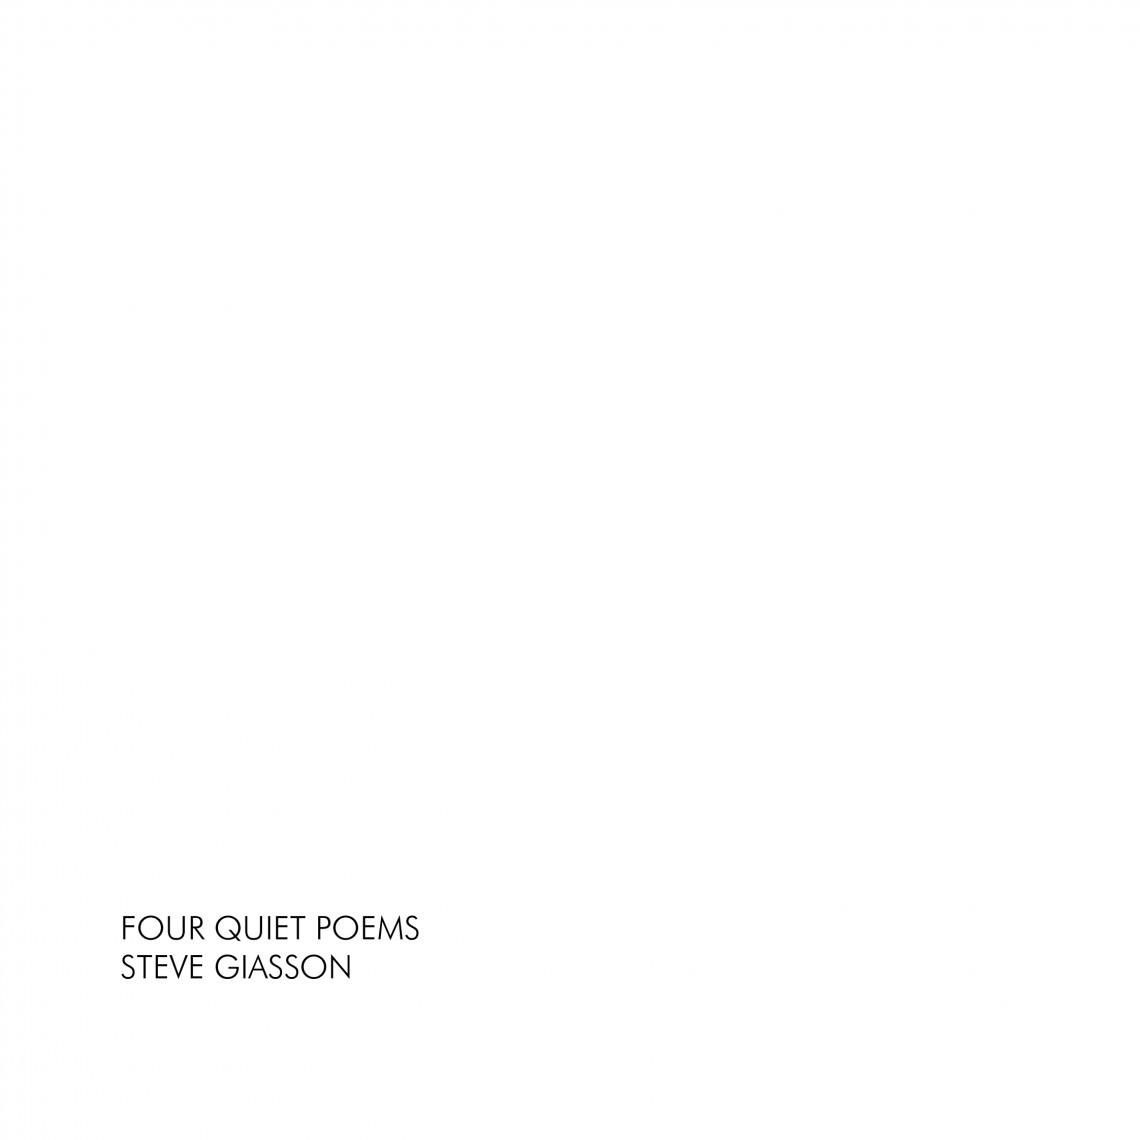 - FOUR QUIET POEMS